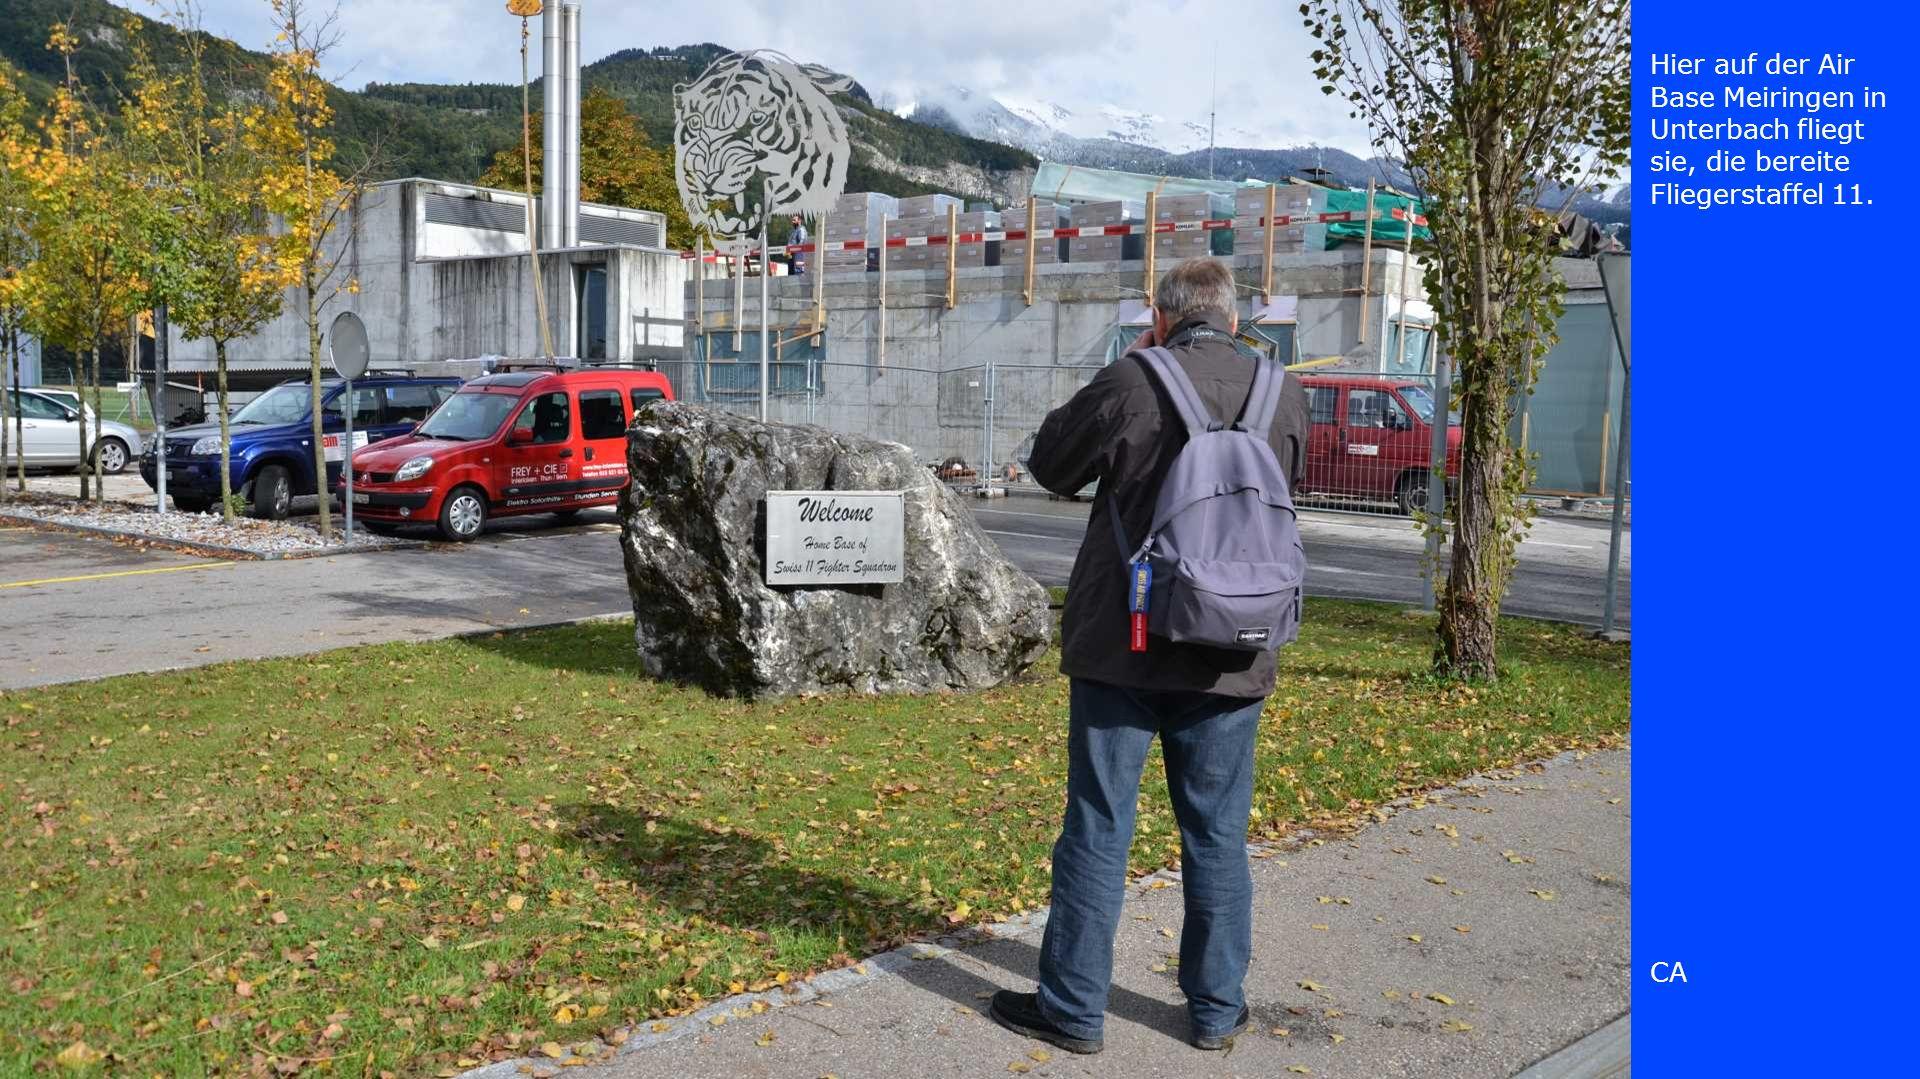 Hier auf der Air Base Meiringen in Unterbach fliegt sie, die bereite Fliegerstaffel 11. CA